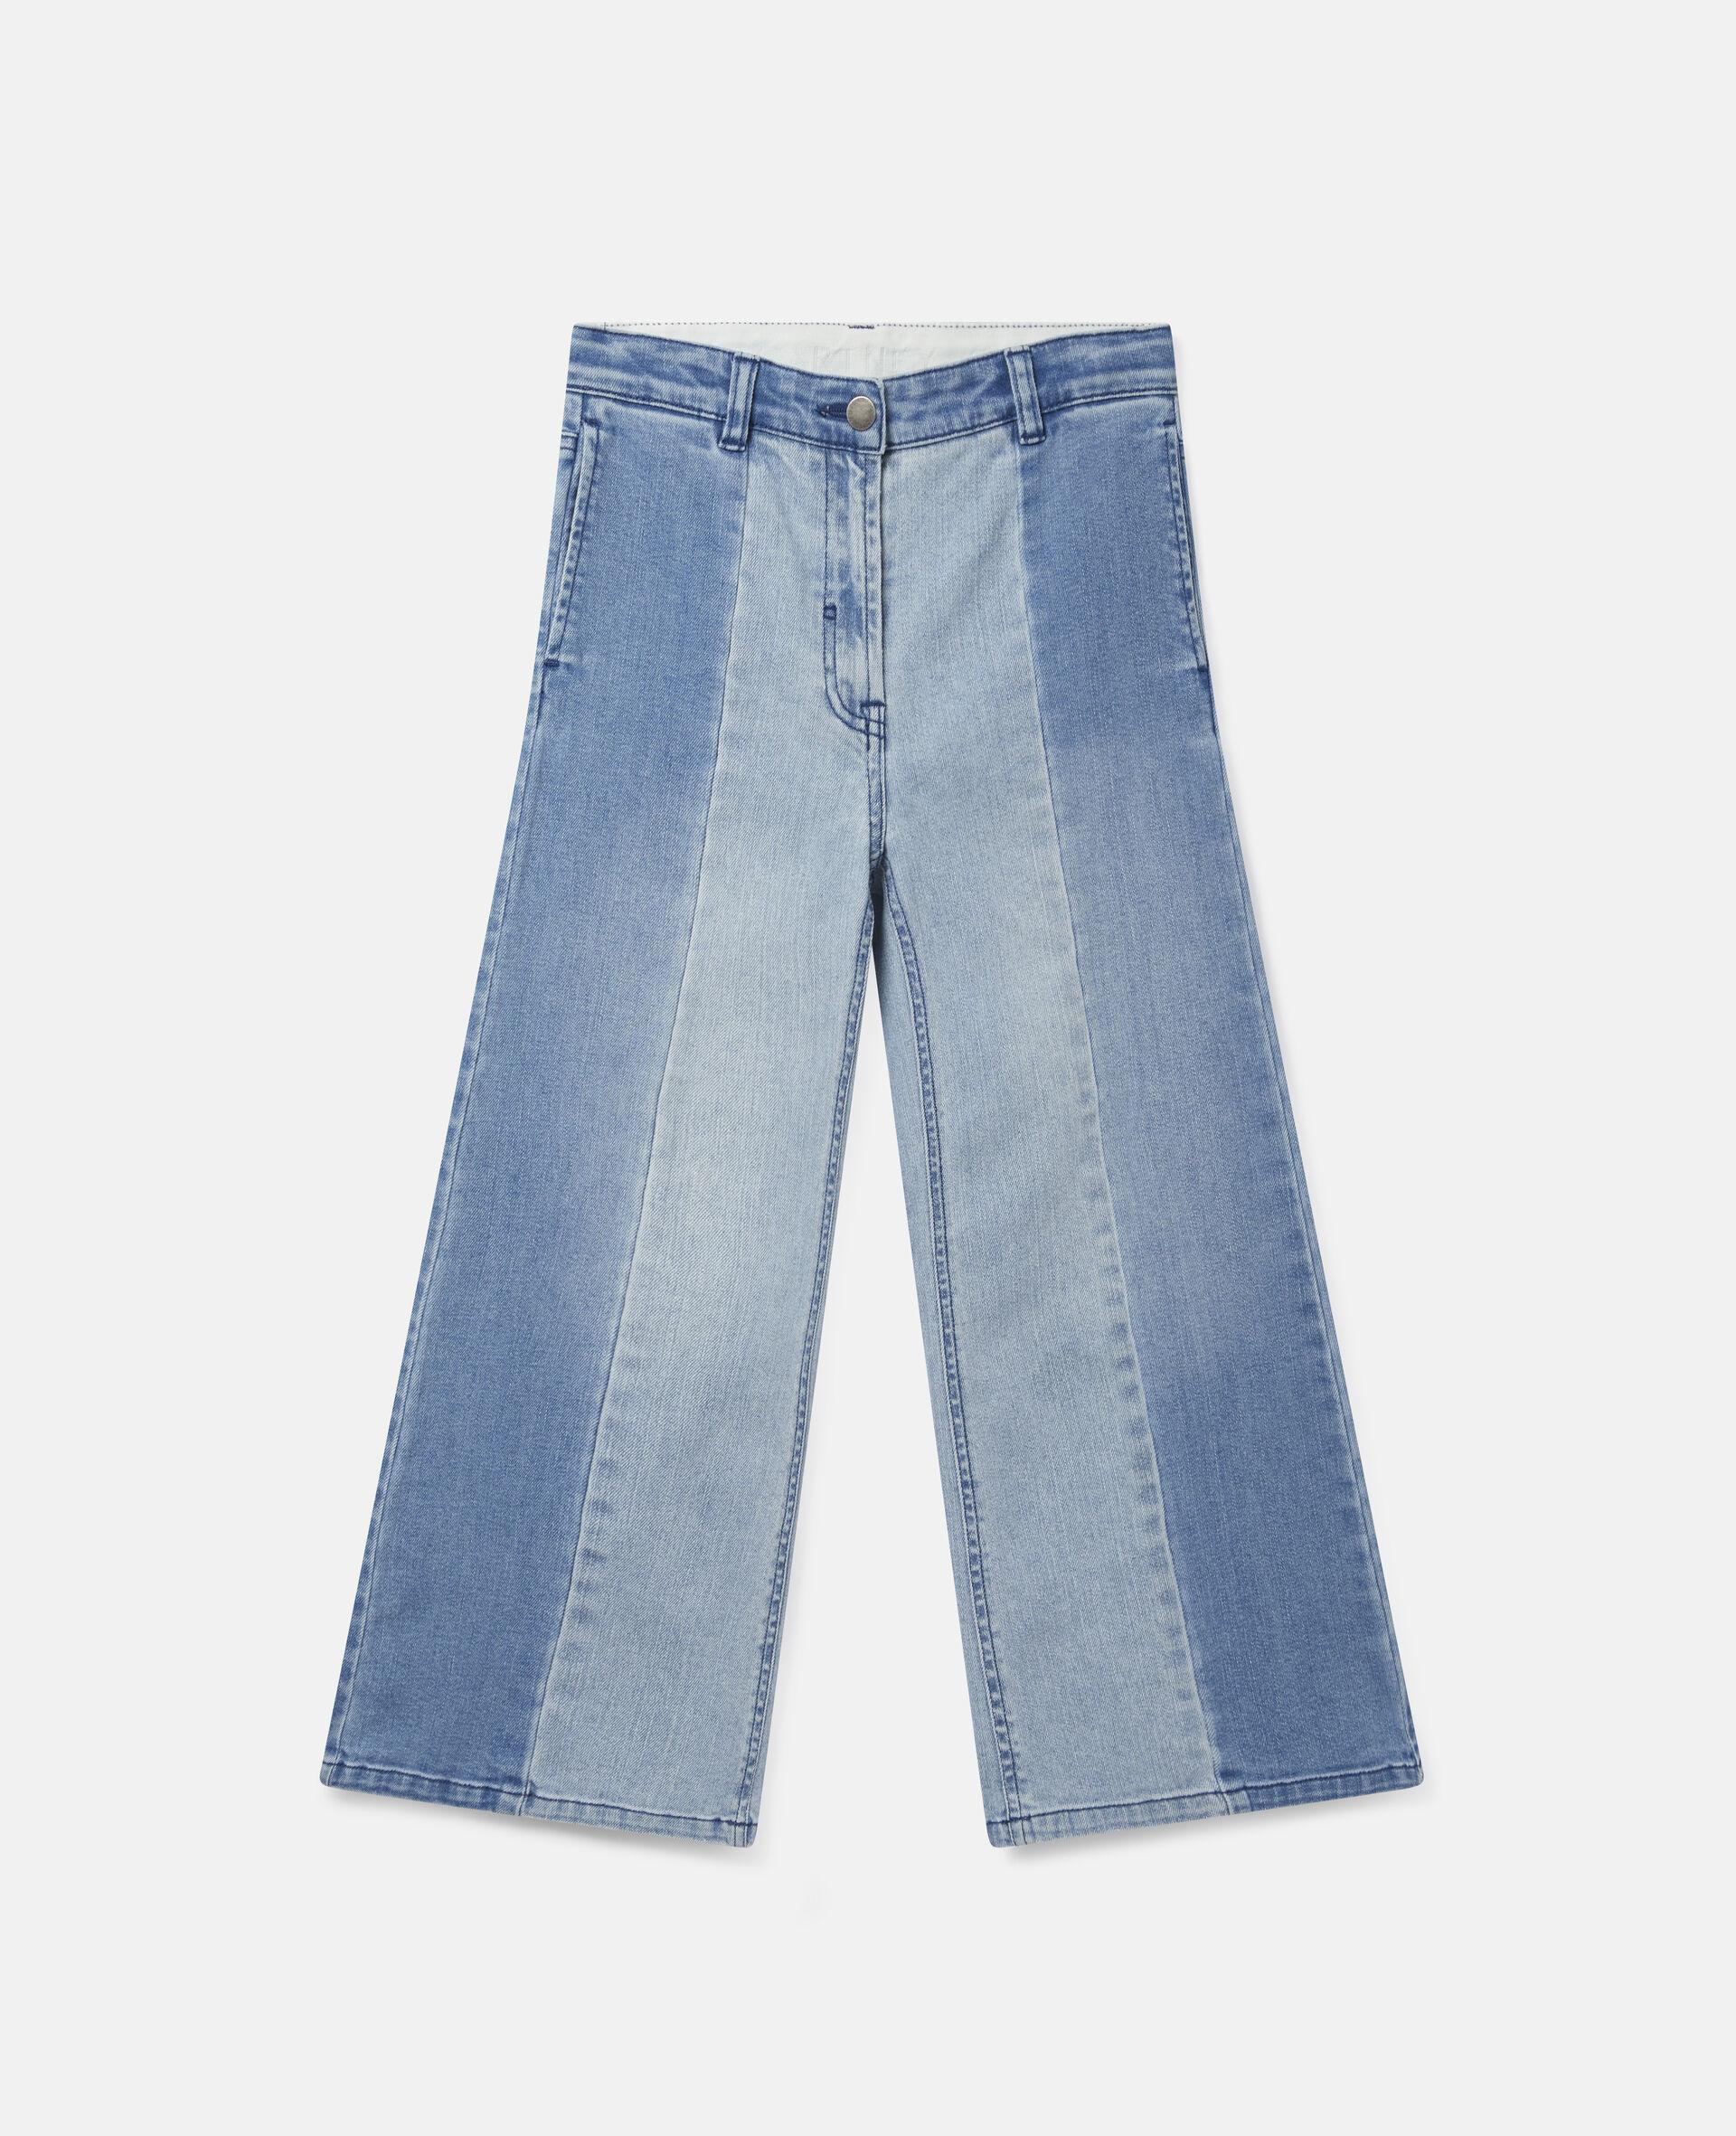 双色牛仔长裤 -蓝色-large image number 0